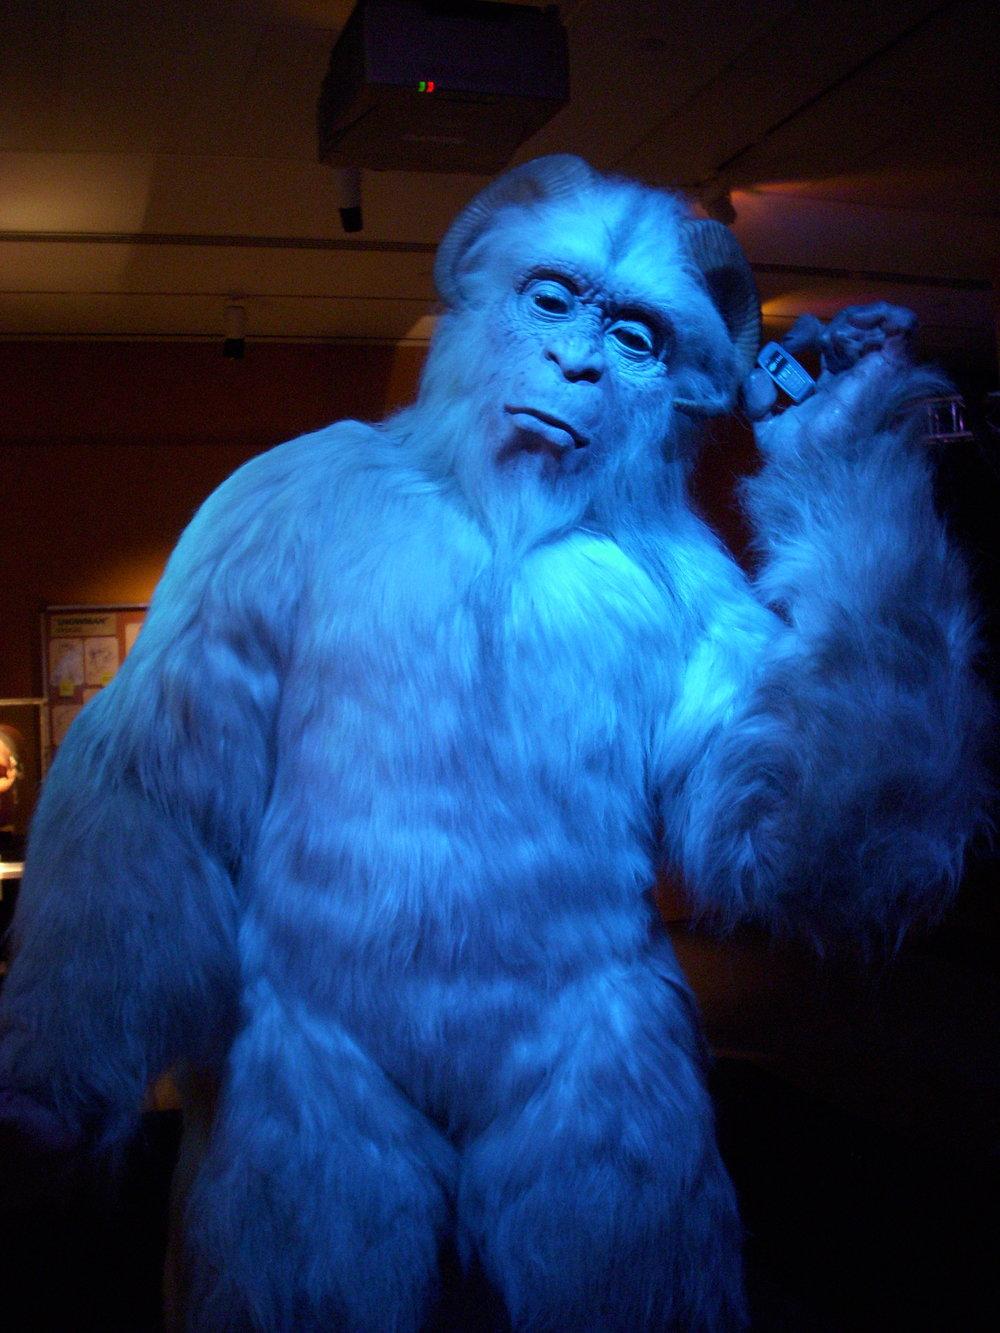 Big blue guy